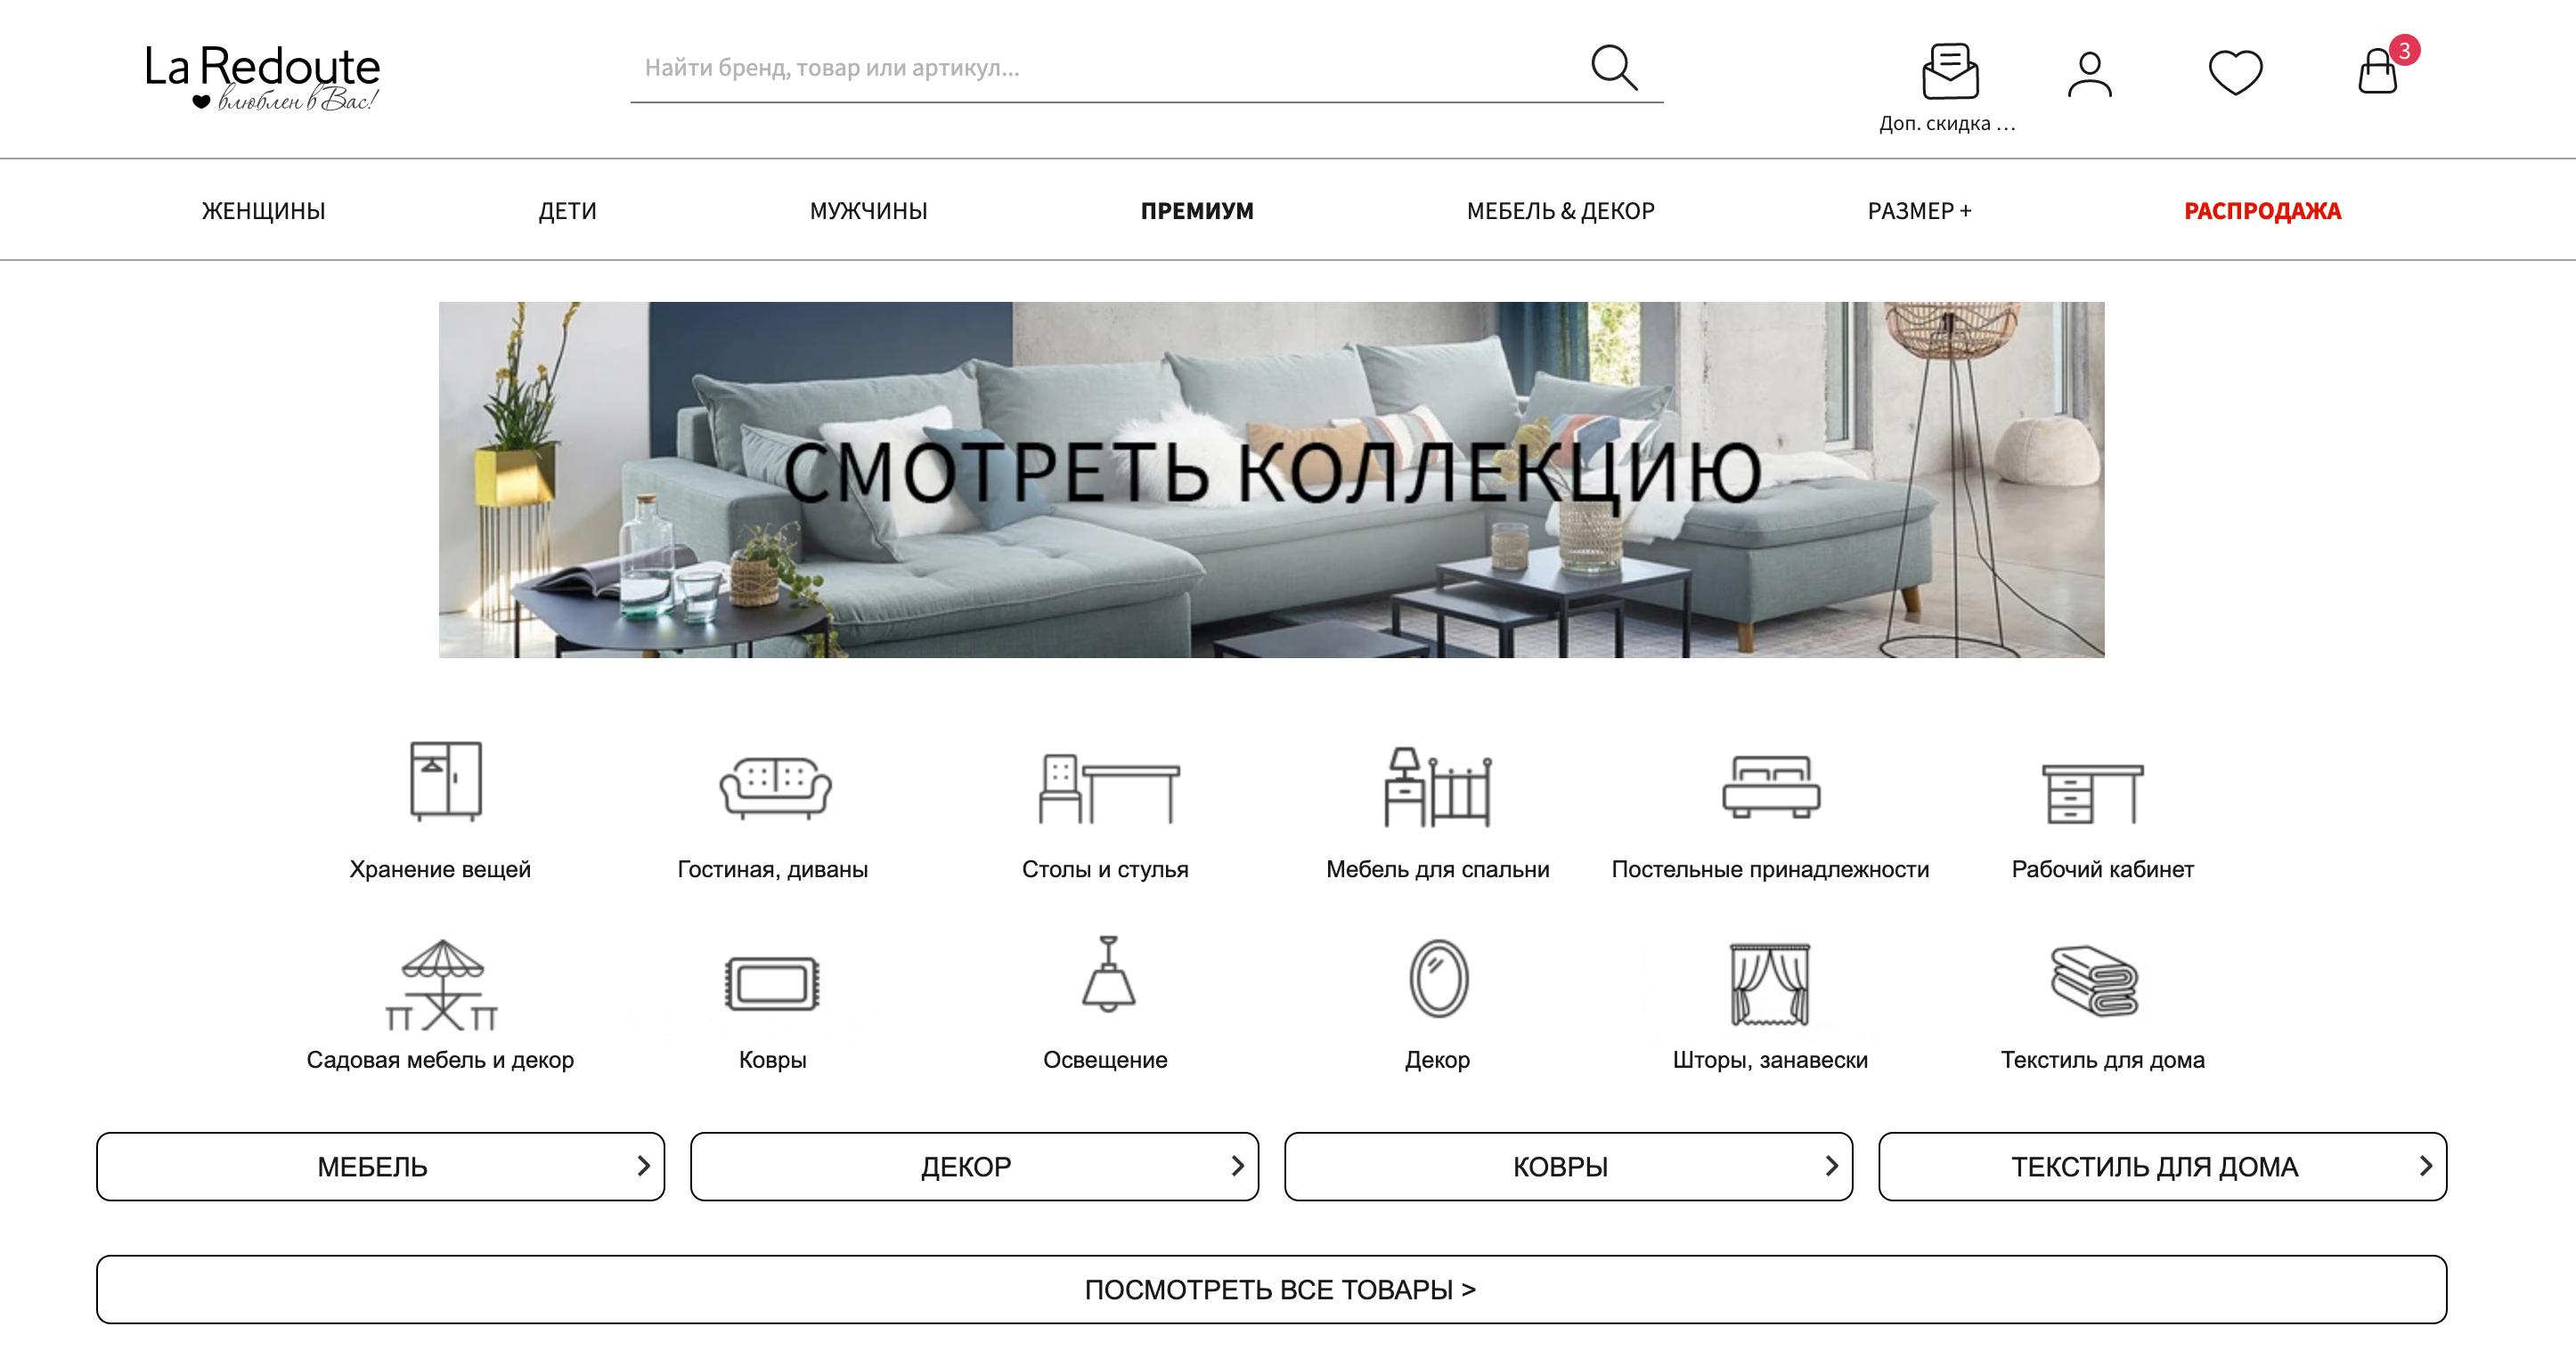 Скриншот с сайта laredoute.ru